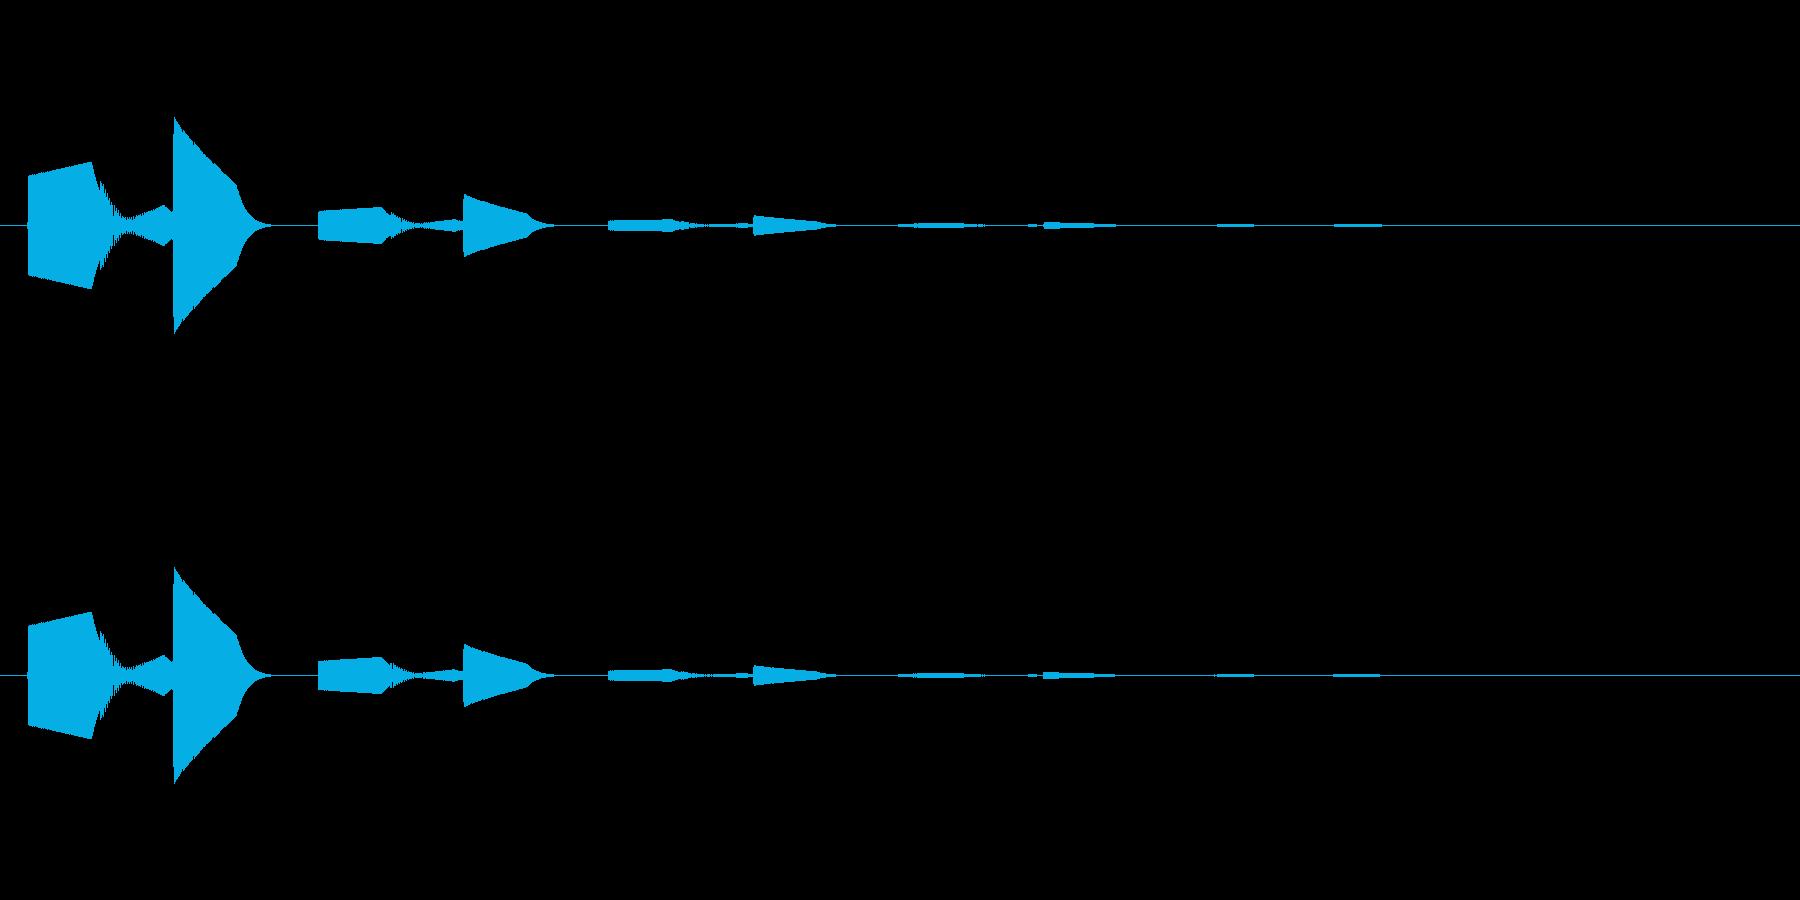 ピロッ↑(決定音、セーブ、回復)の再生済みの波形